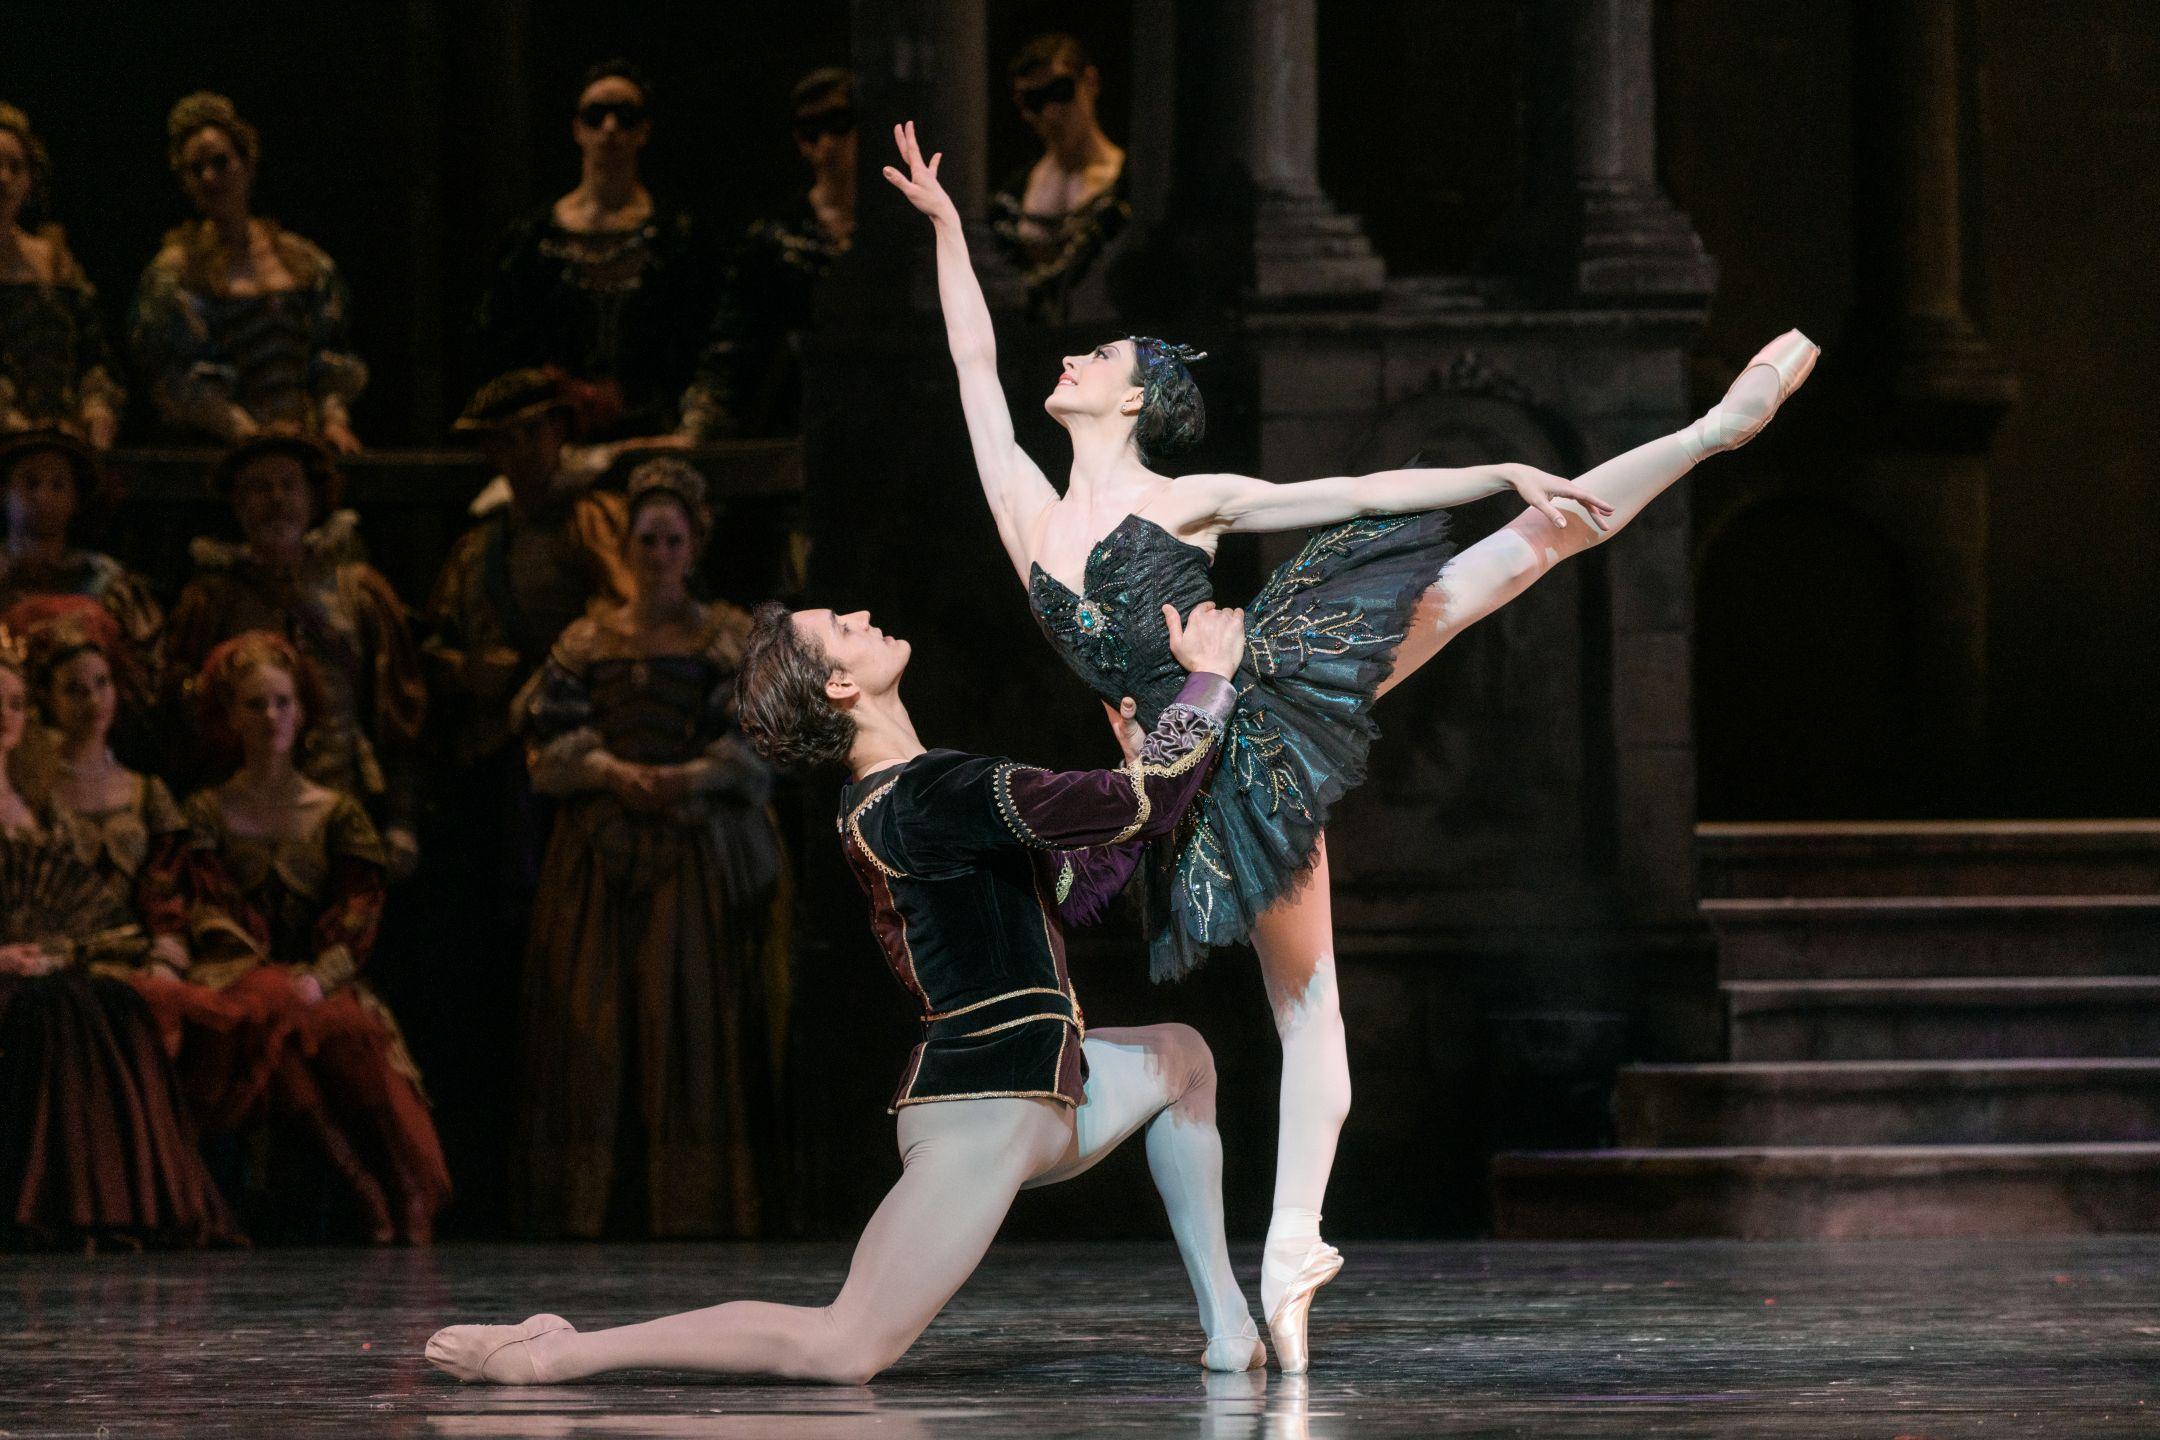 Het-Nationale-Ballet-Het-Zwanenmeer_852_photo_marc_haegeman